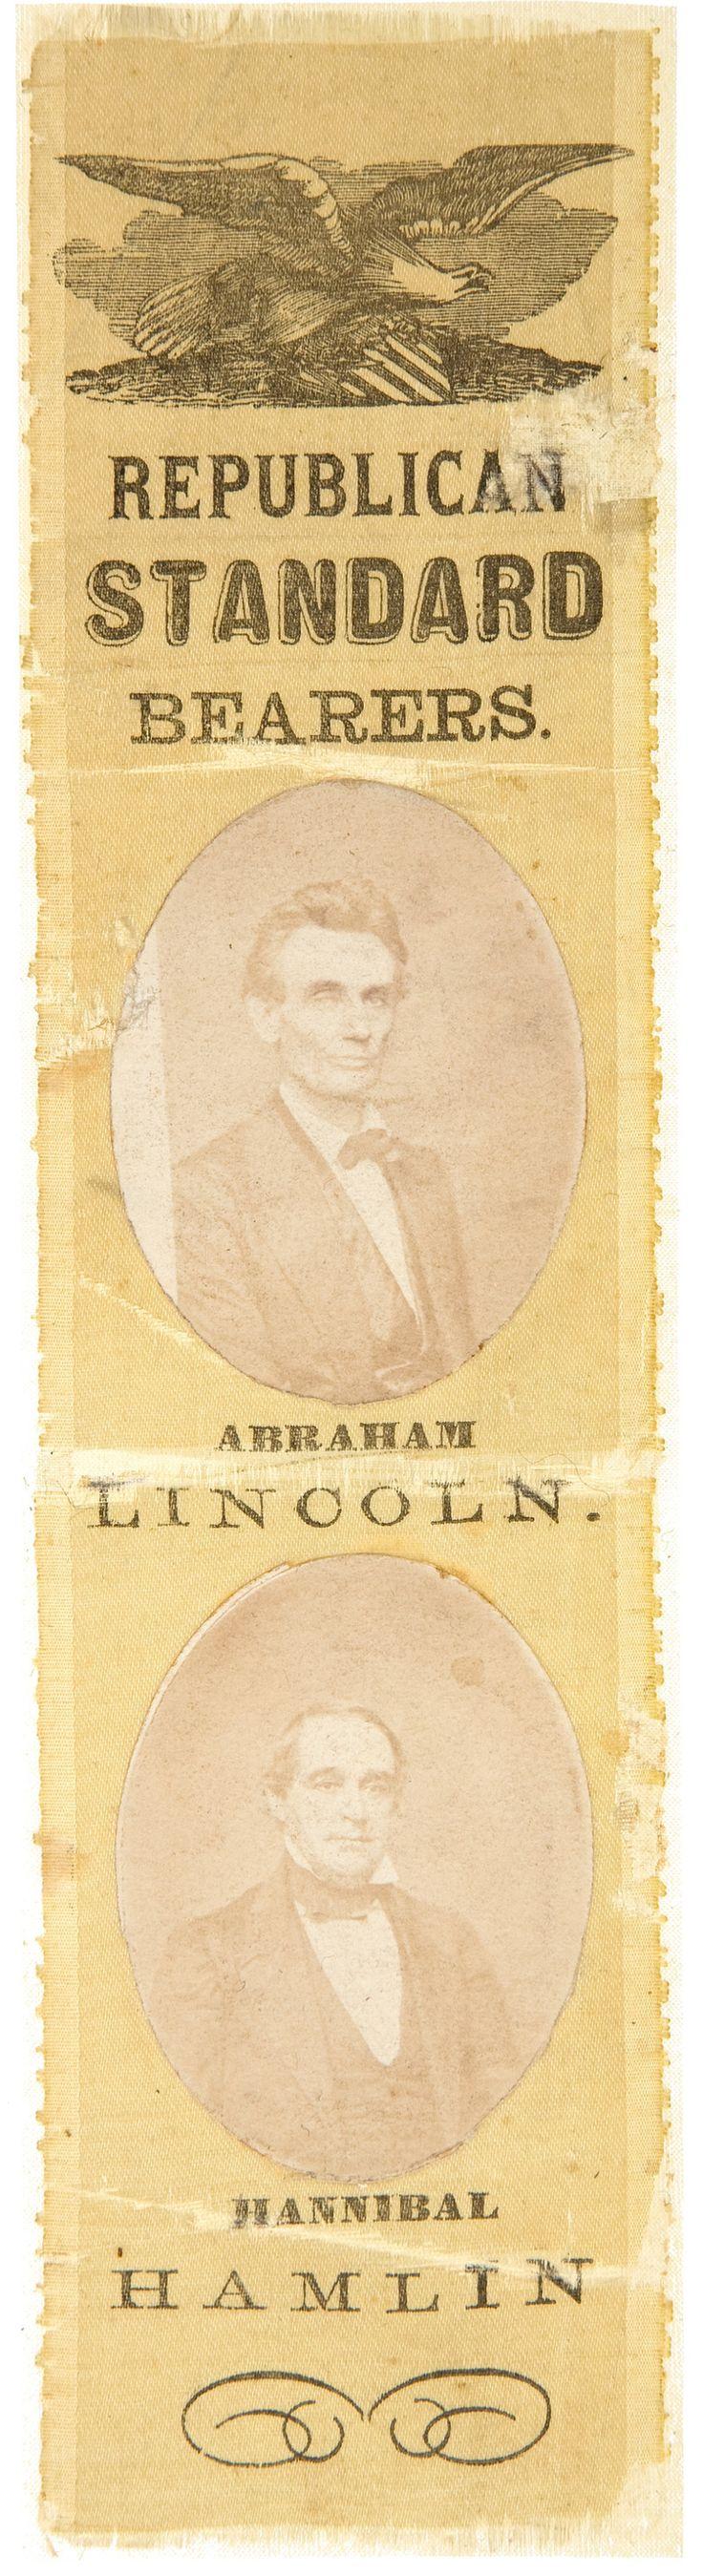 Abraham Lincoln & Hannibal Hamlin Yellow & Peach Presidential Campaign Silk Ribbon (1860) [$4,780 (2012)]